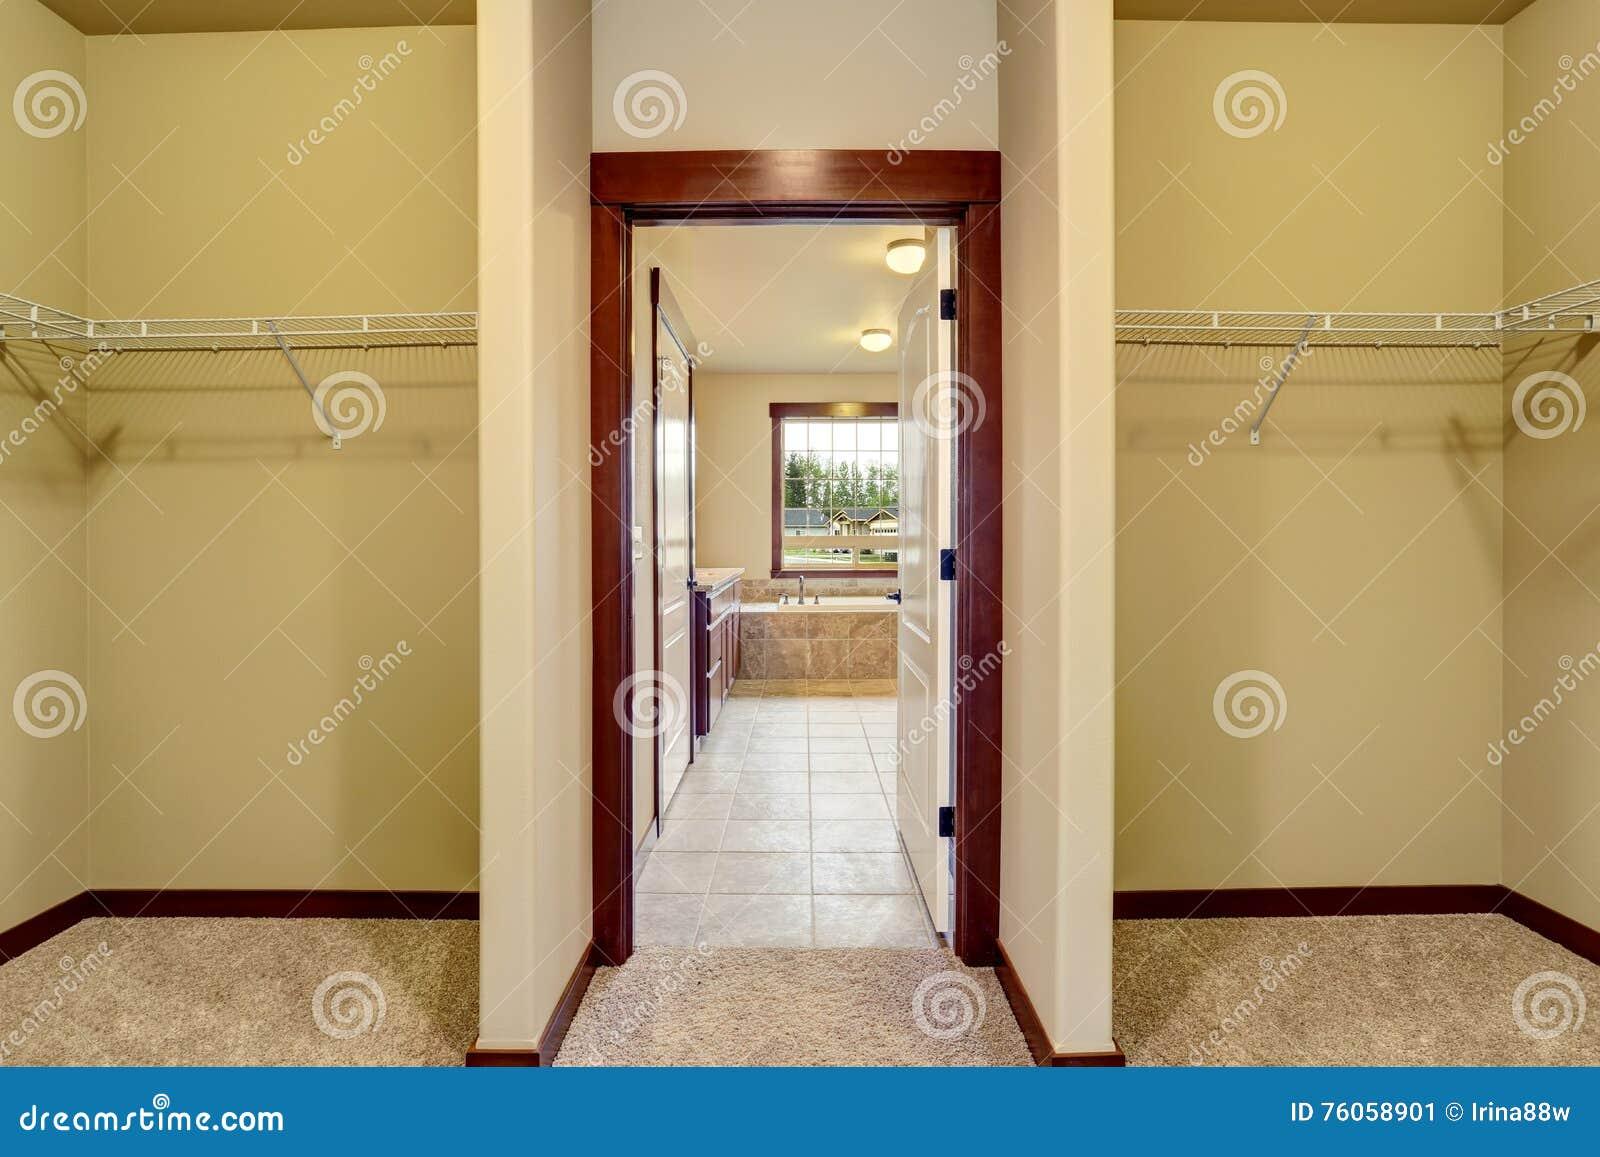 Interno di corridoio porta aperta al bagno con la pavimentazione